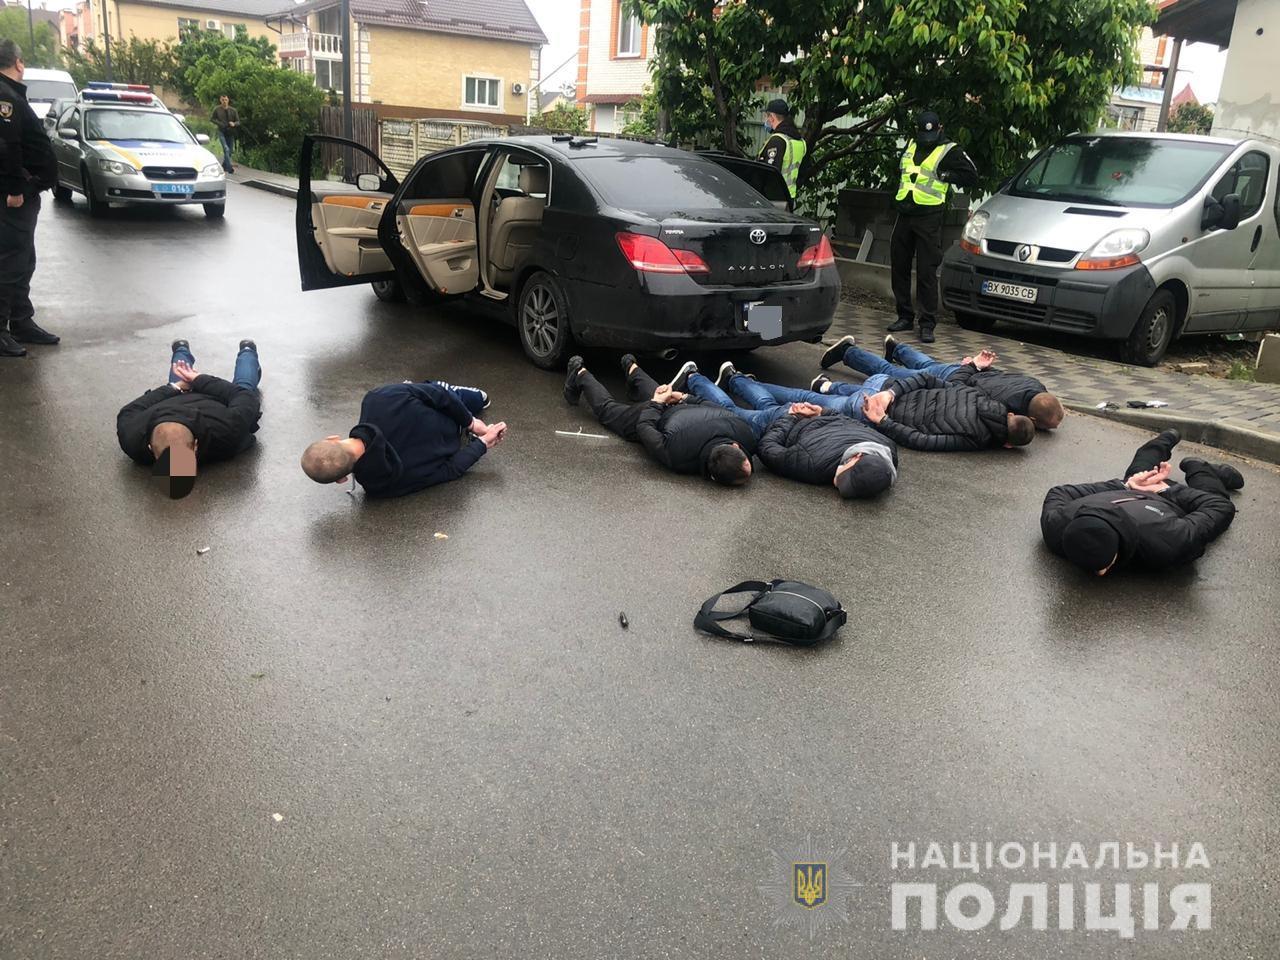 Бандитские Бровары. Все, что известно о перестрелке в пригороде Киева и...